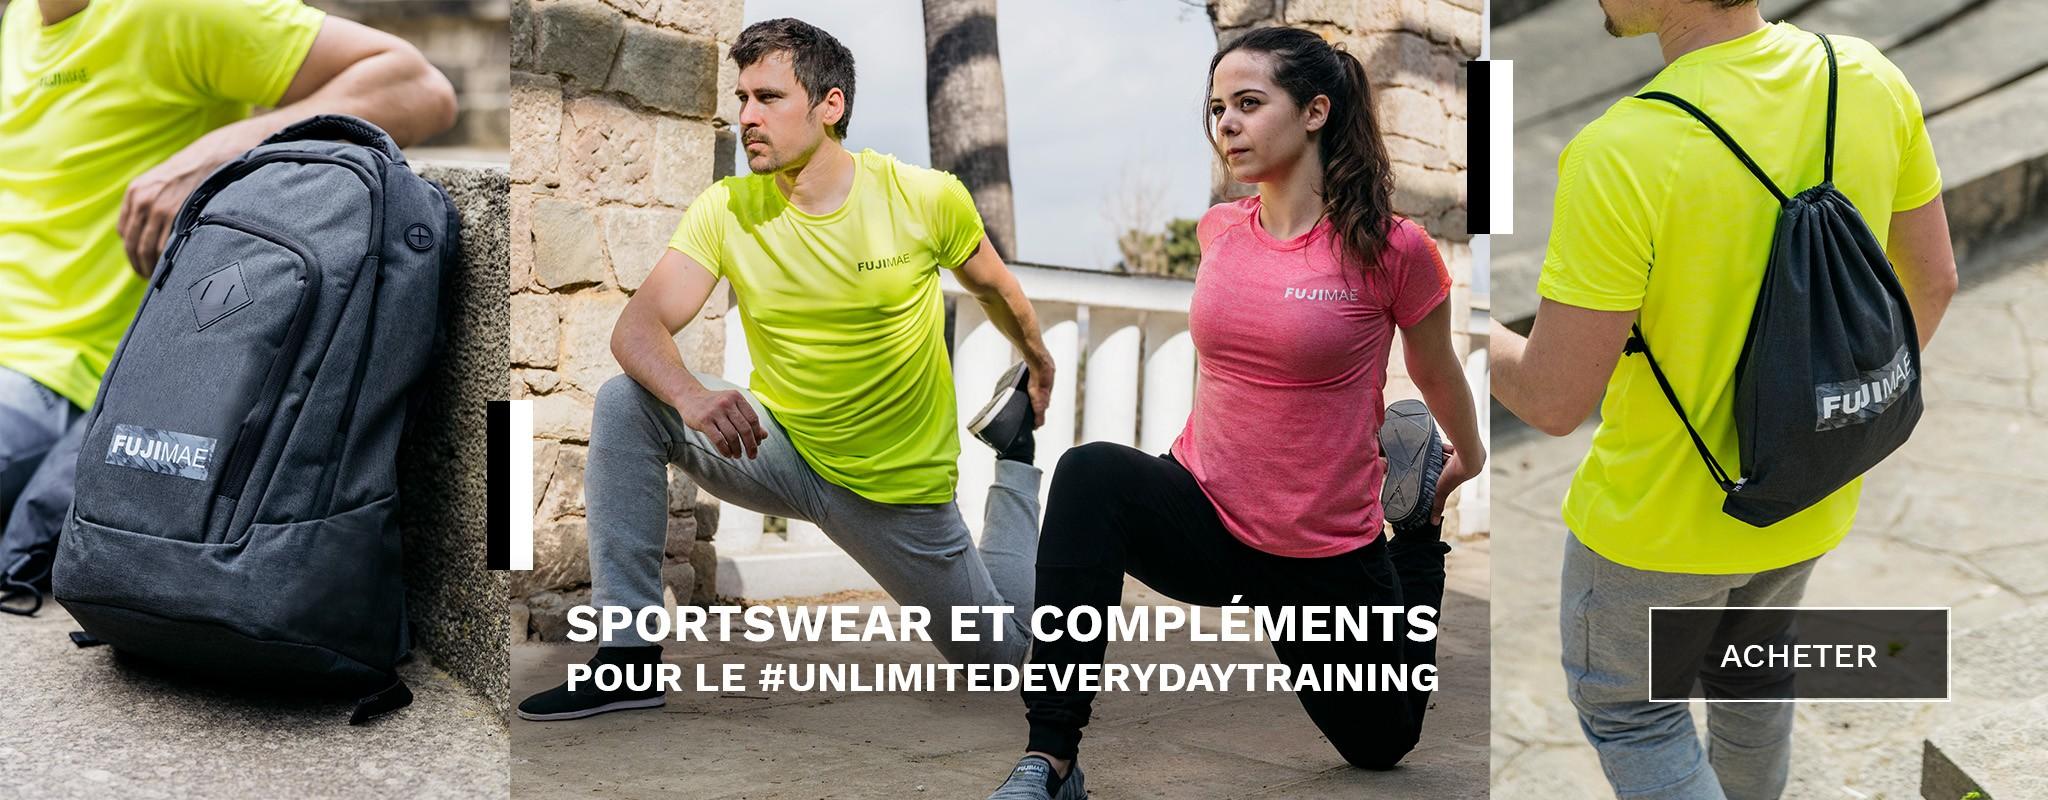 Sportswear et compléments